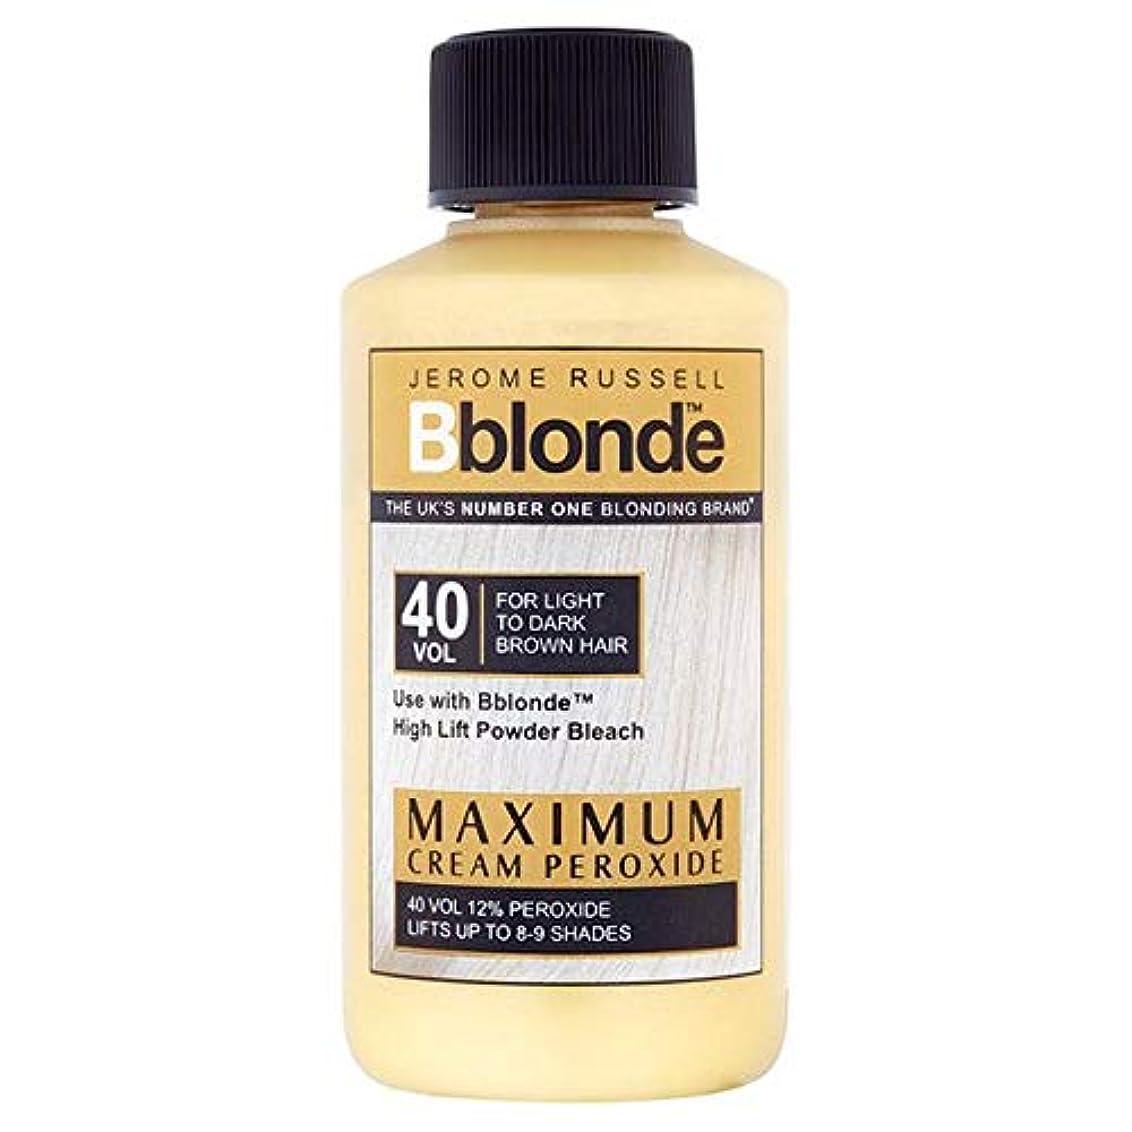 記念機関車前方へ[Jerome Russell] ジェロームラッセルB金髪最大クリームパー40巻 - Jerome Russell B Blonde Max Cream Peroxide 40 Volume [並行輸入品]